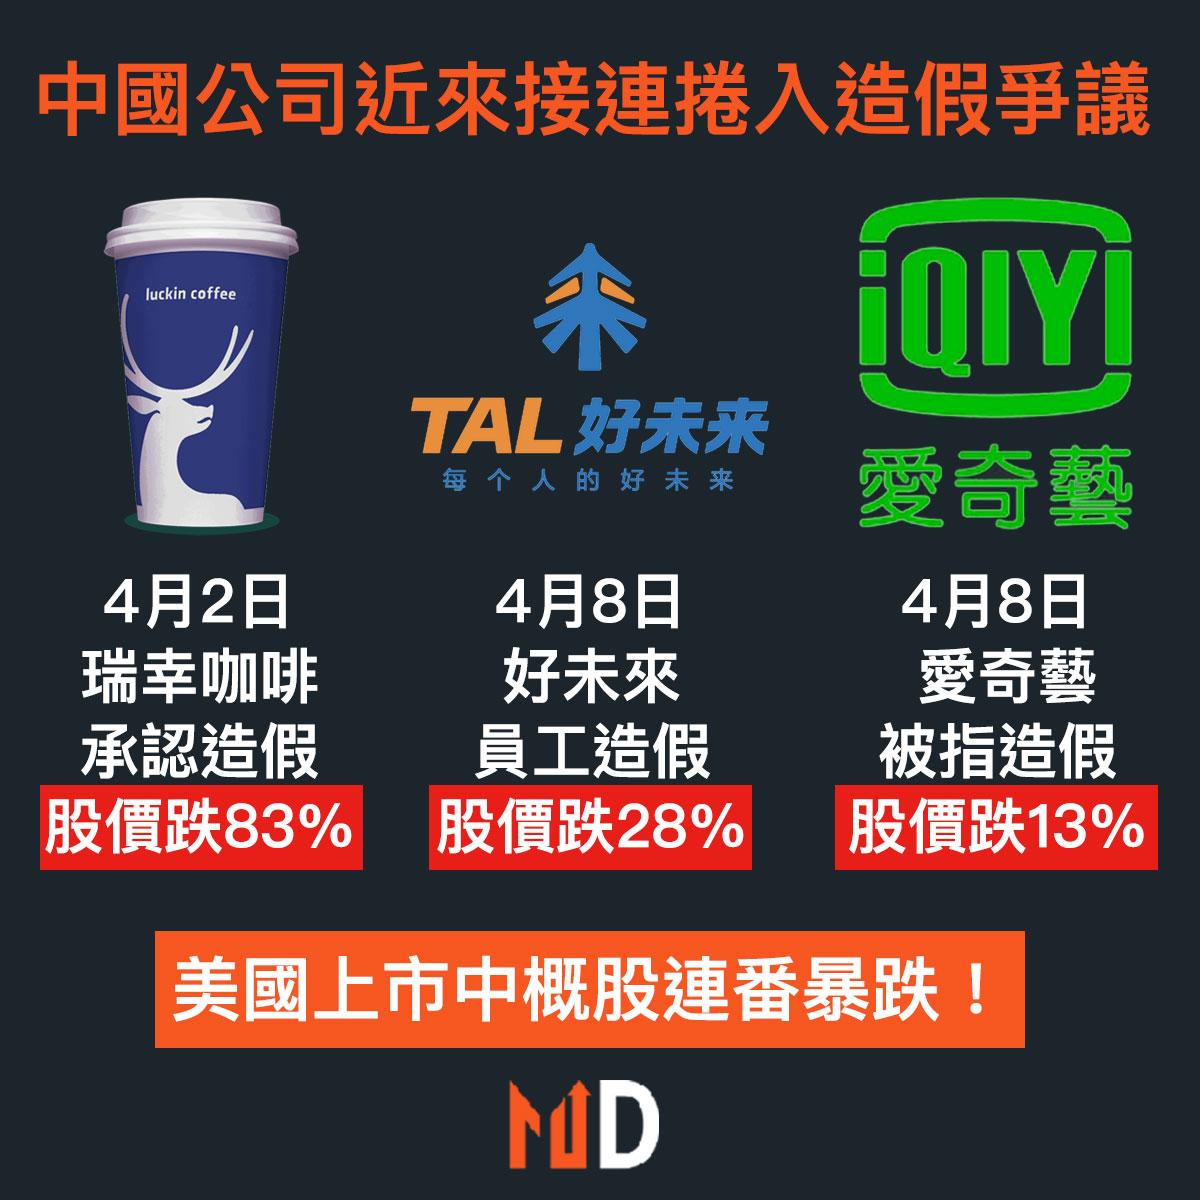 【市場熱話】中國公司近來接連捲入造假爭議,美國上市中概股連番暴跌!